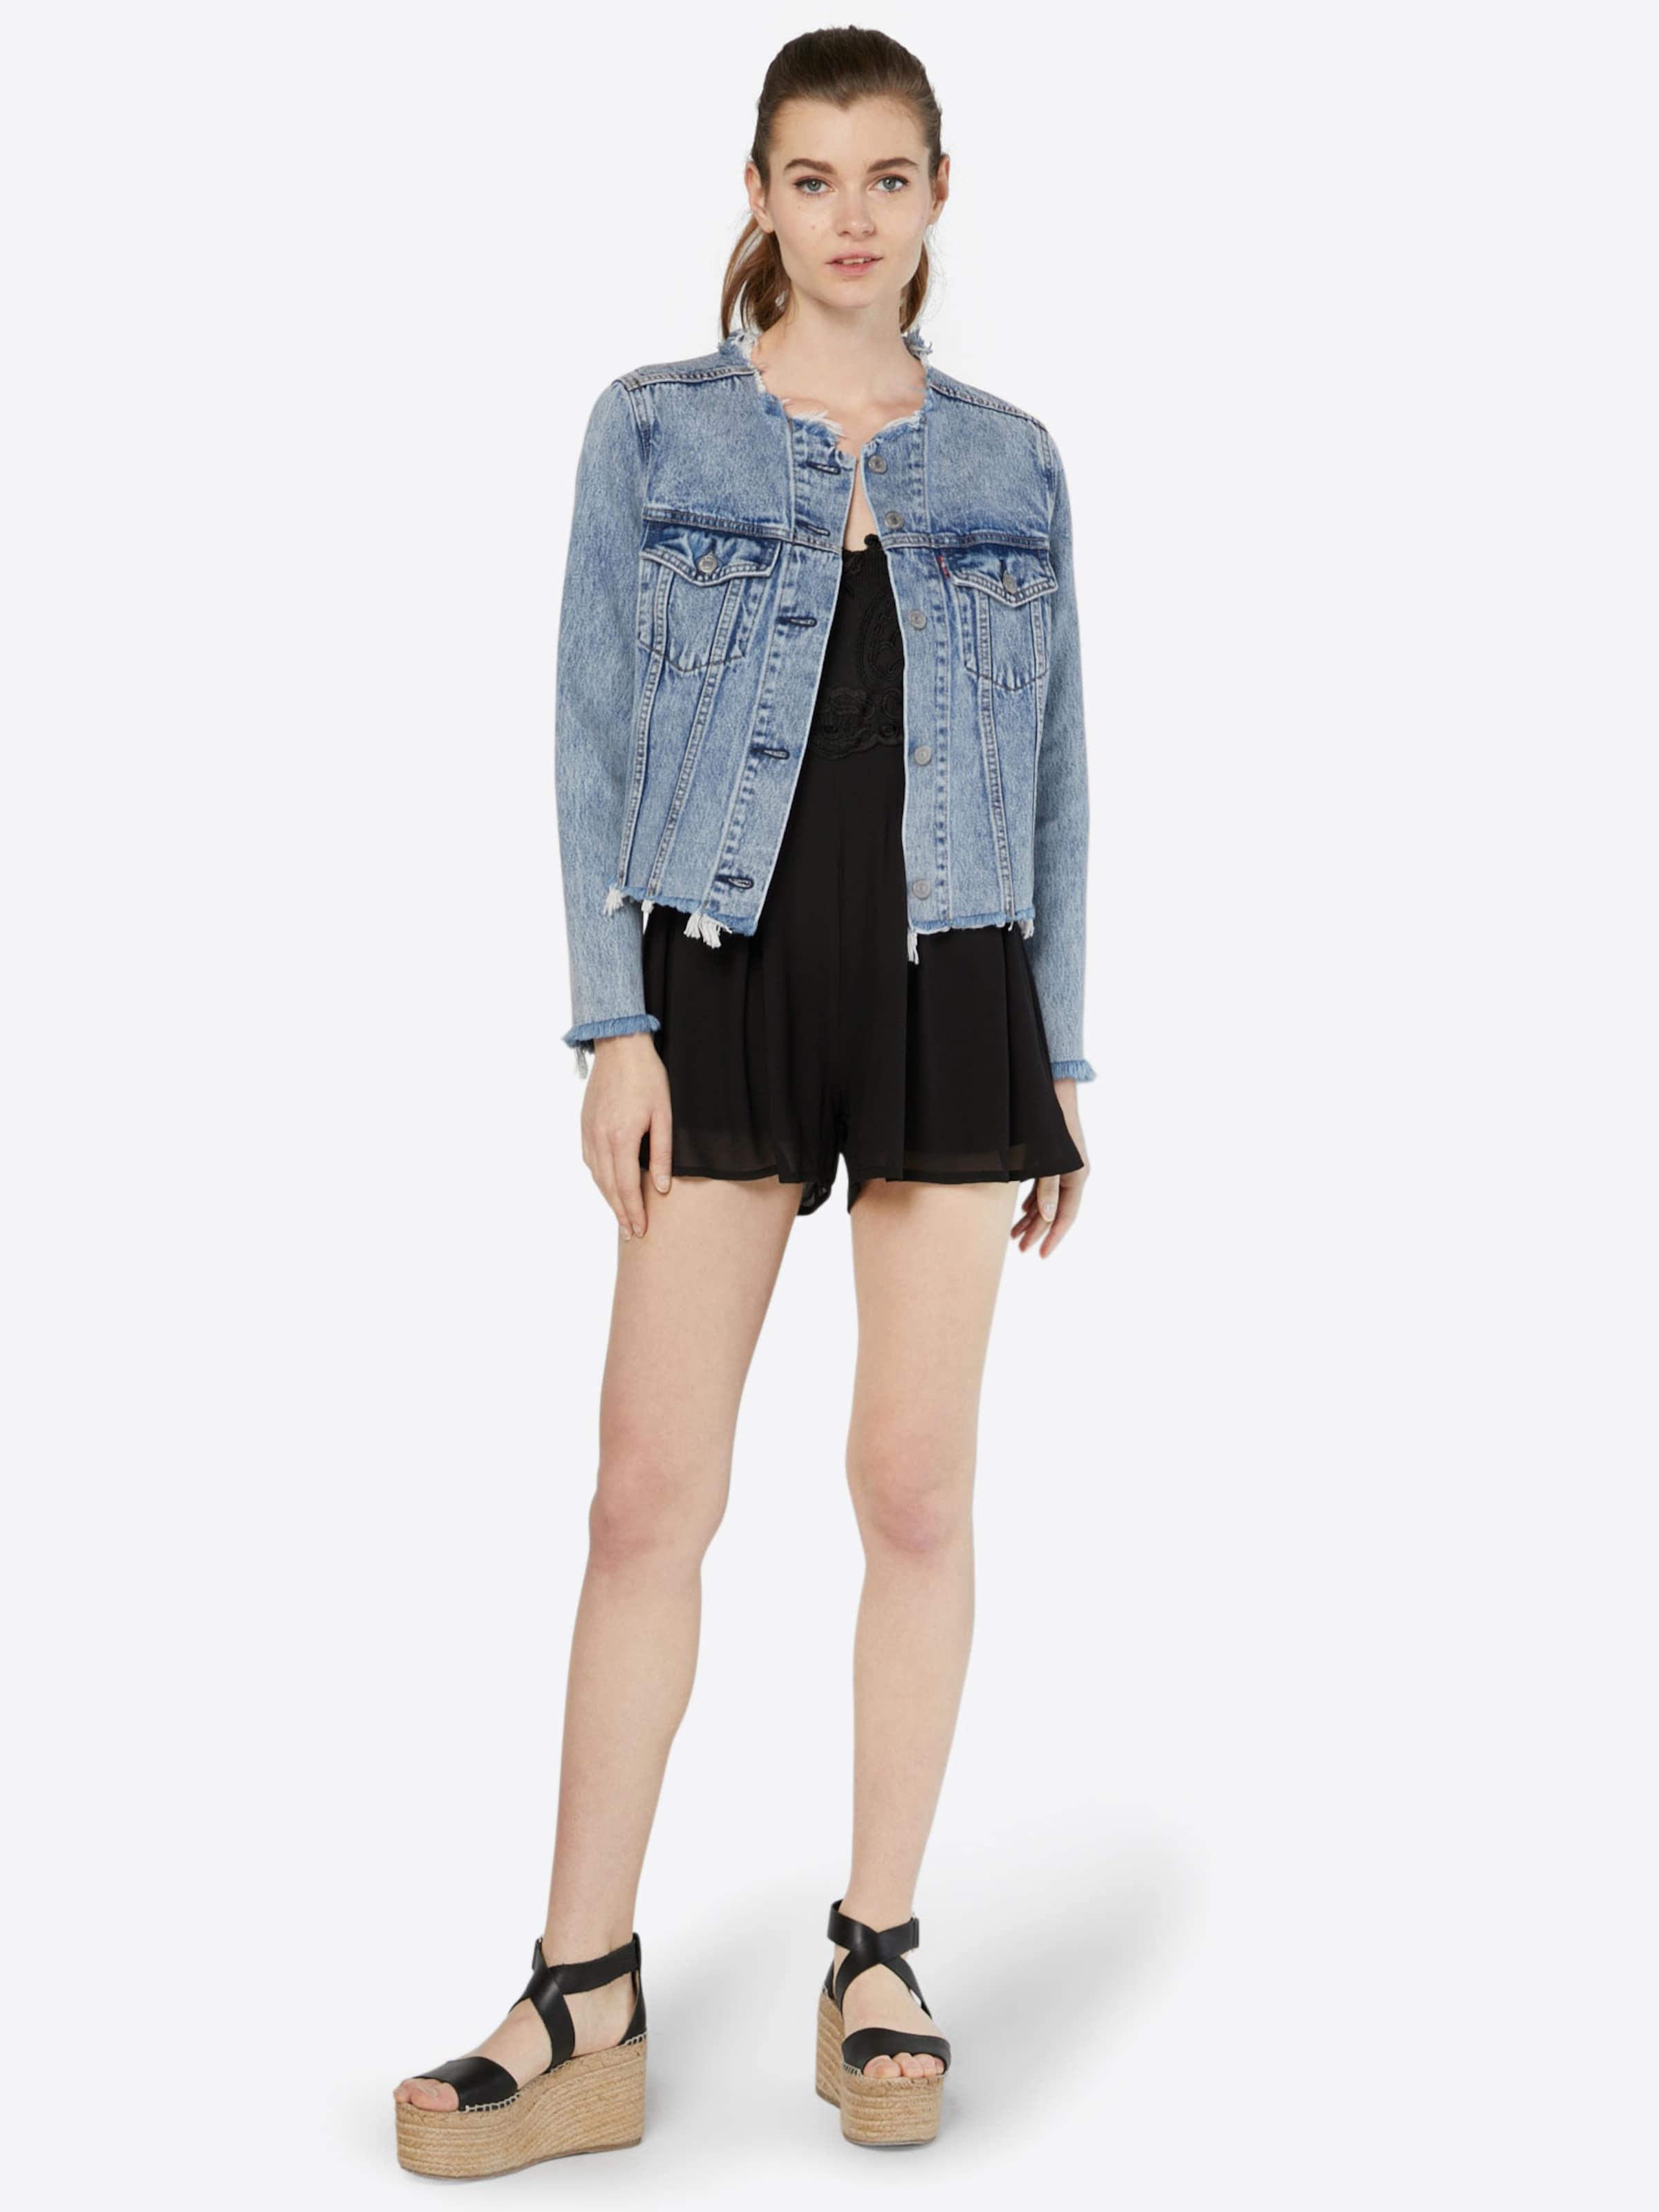 Verkauf Für Billig Boohoo Jumpsuit 'Boutique Zoe Crochet' Billig Und Schön Vorbestellung Für Verkauf Billige Sneakernews Outlet Neuesten Kollektionen G0NCY